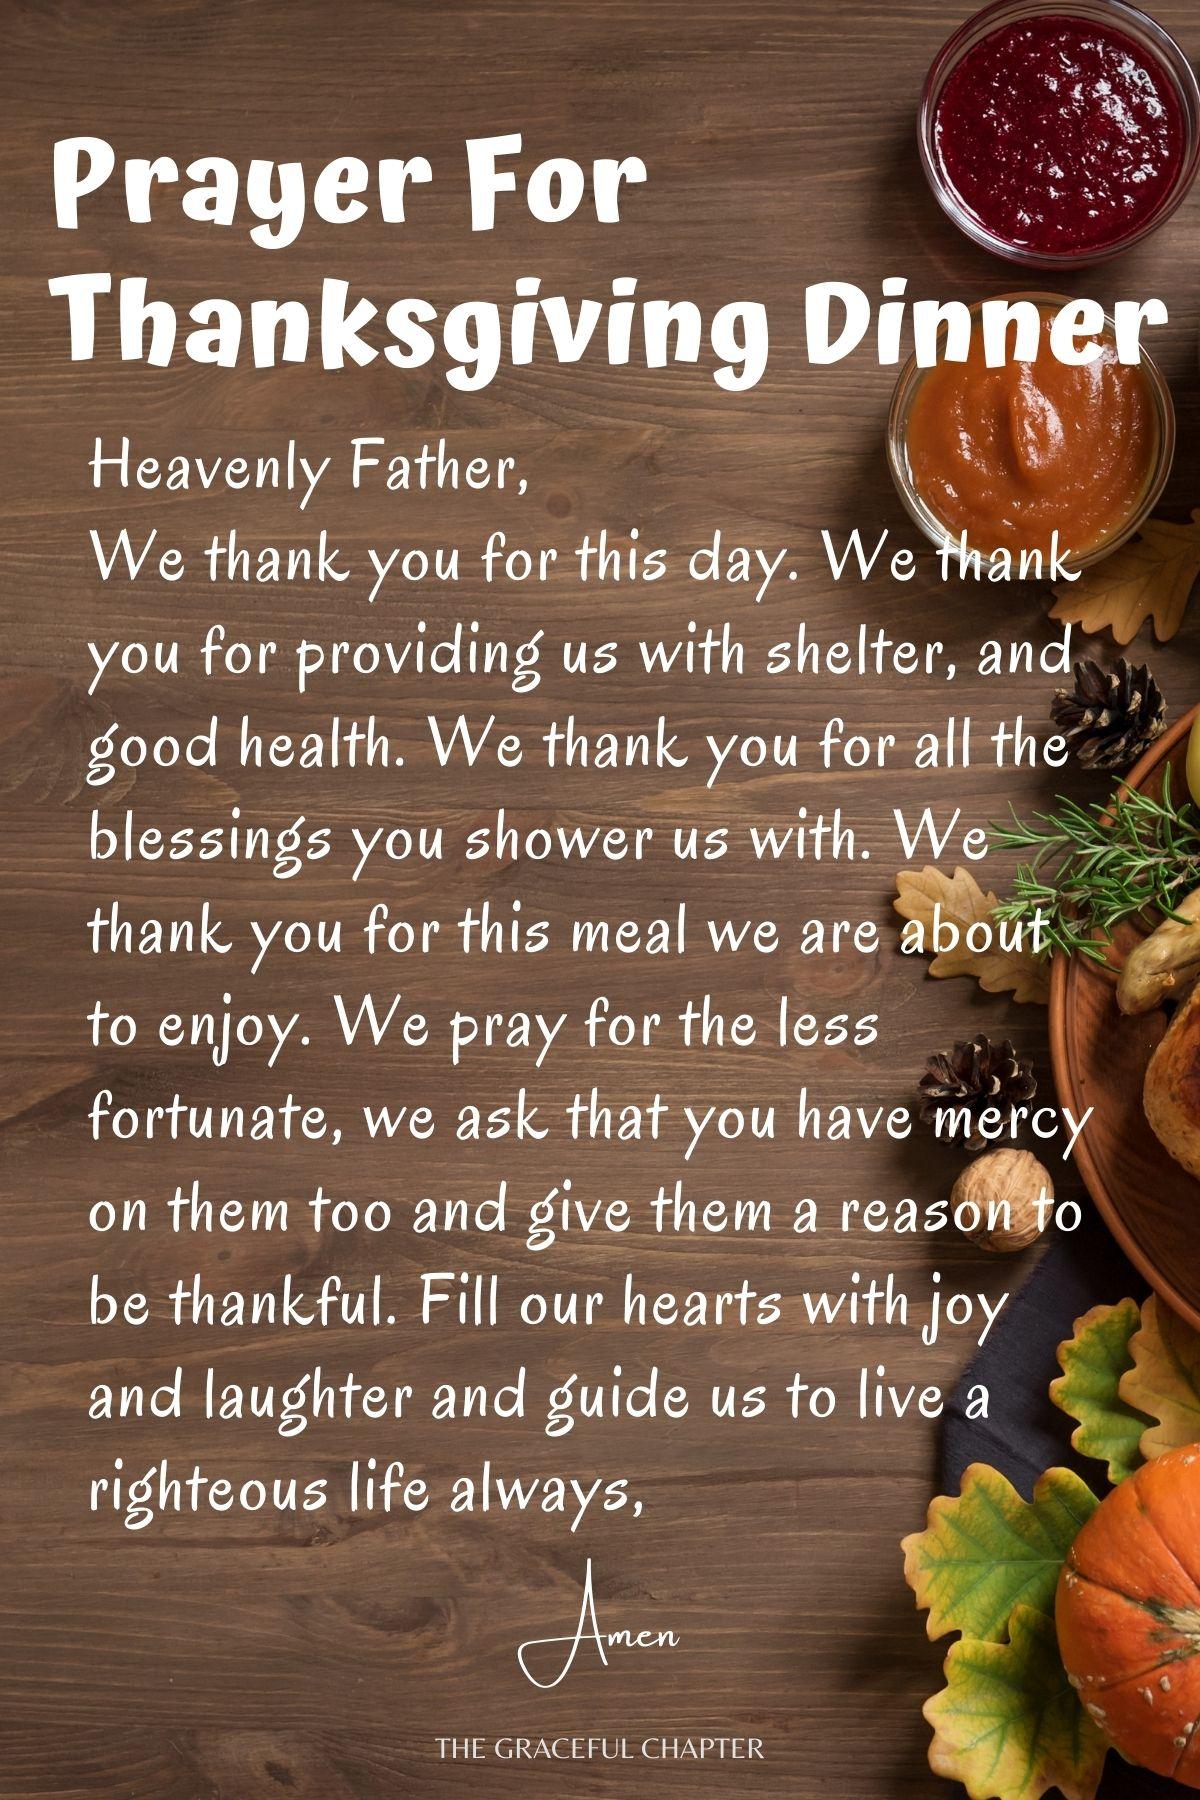 prayer for thanksgiving dinner